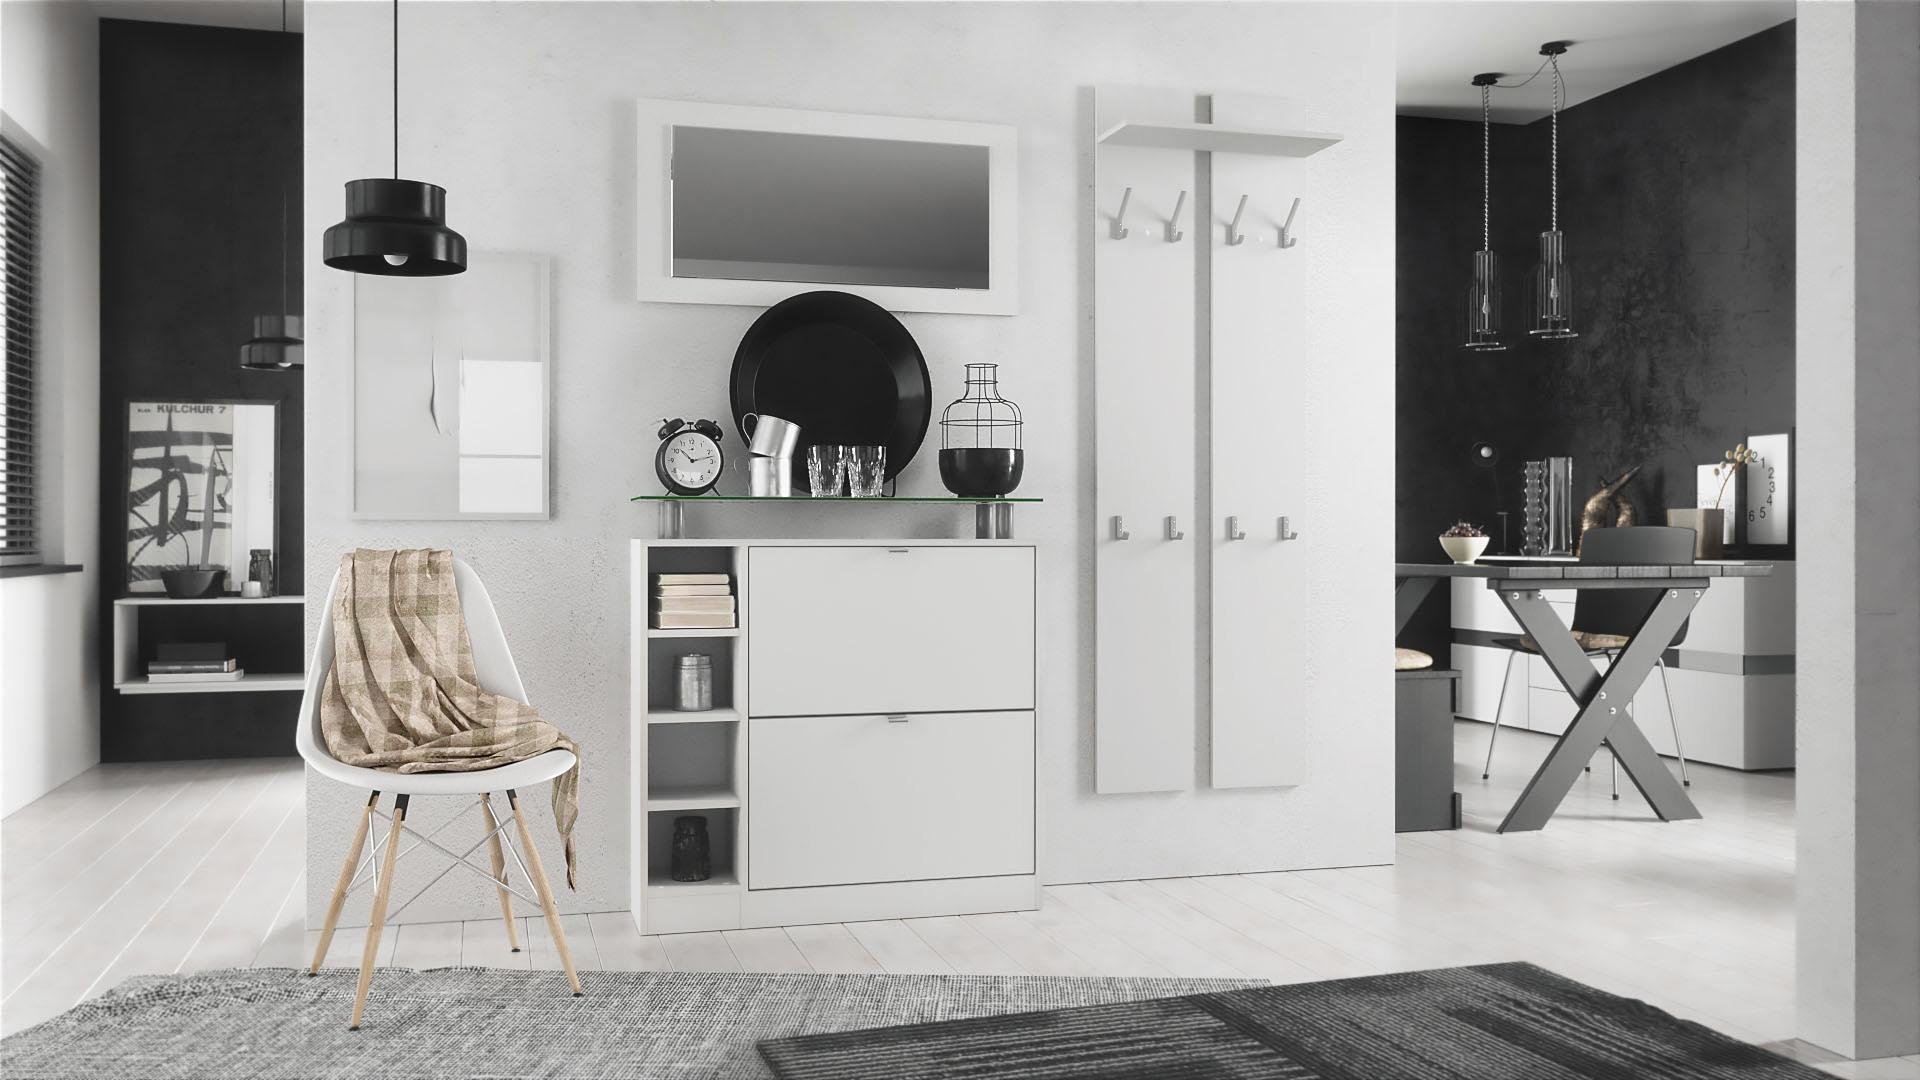 garderobenset flur set garderobe diele schuhschrank paneel spiegel dolly in wei ebay. Black Bedroom Furniture Sets. Home Design Ideas